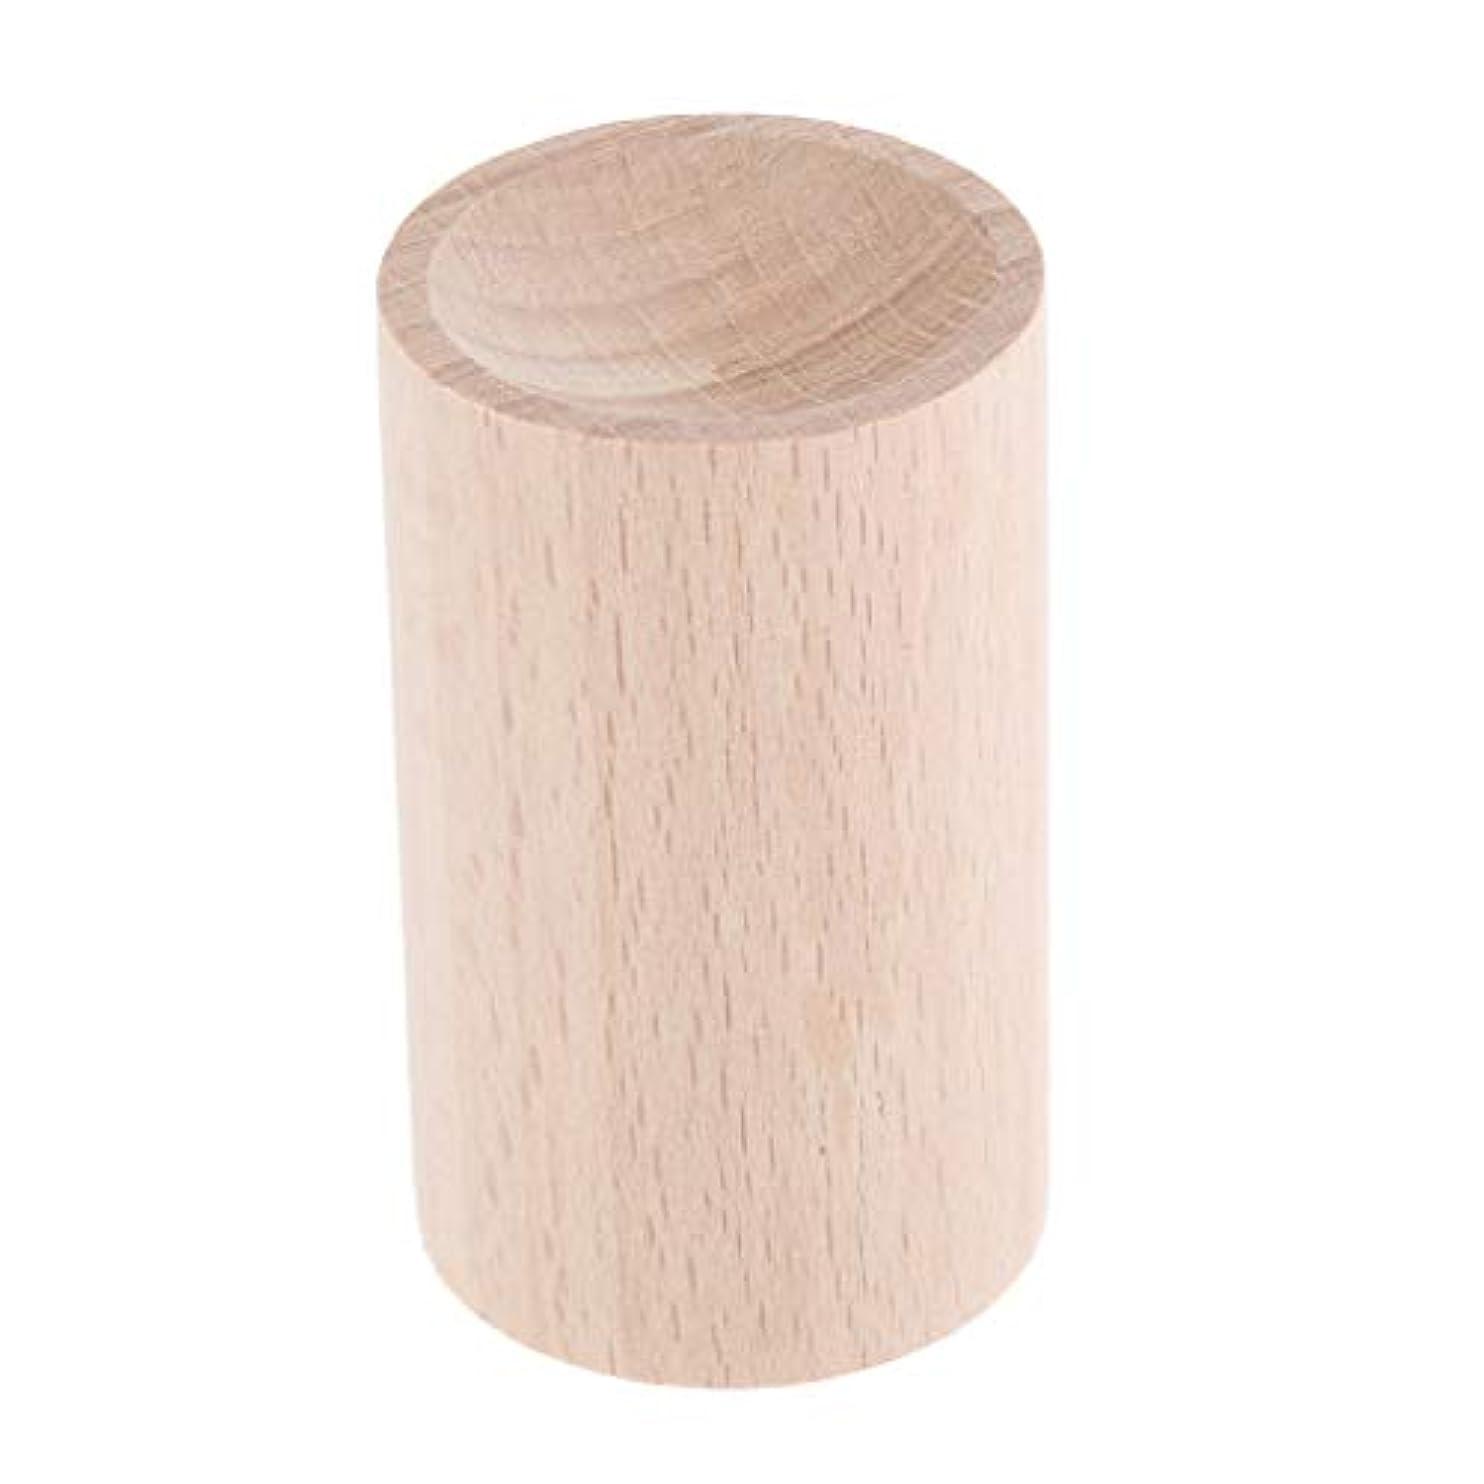 高いパワーセルキャンバスsharprepublic 全2種類 アロマディフューザー 車 家庭用 天然木 エアフレッシュナー 香水 - 01